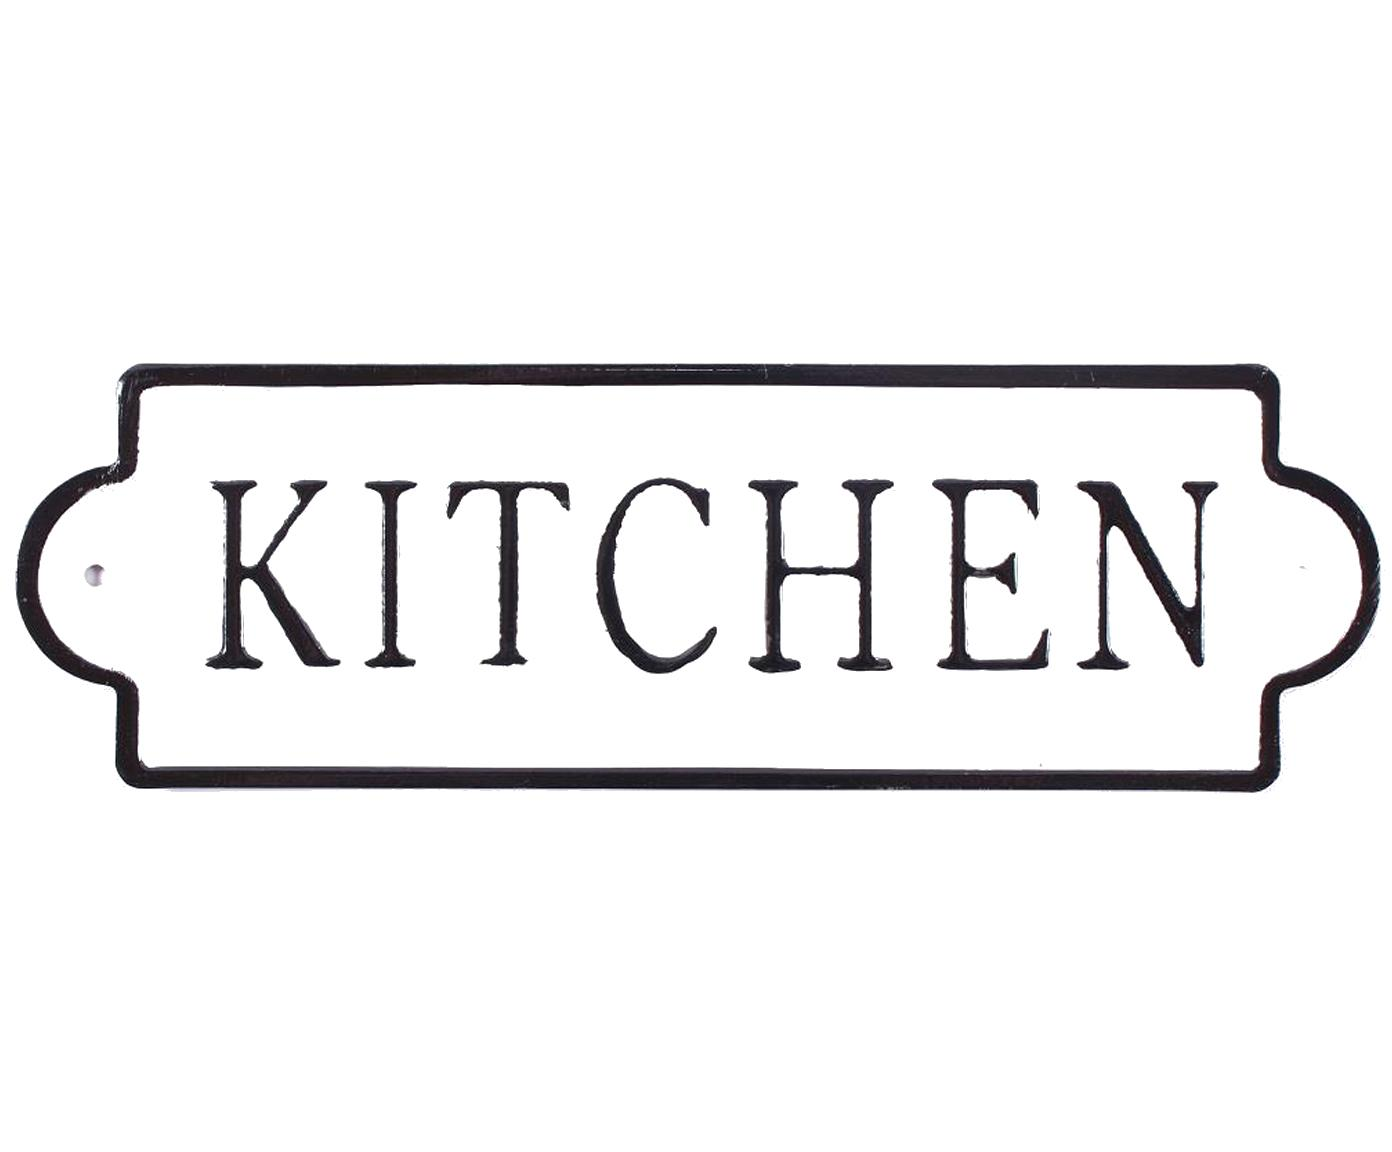 Wandbord Kitchen, Metaal, met motieffolie bekleed, Wit, zwart, 26 x 8 cm